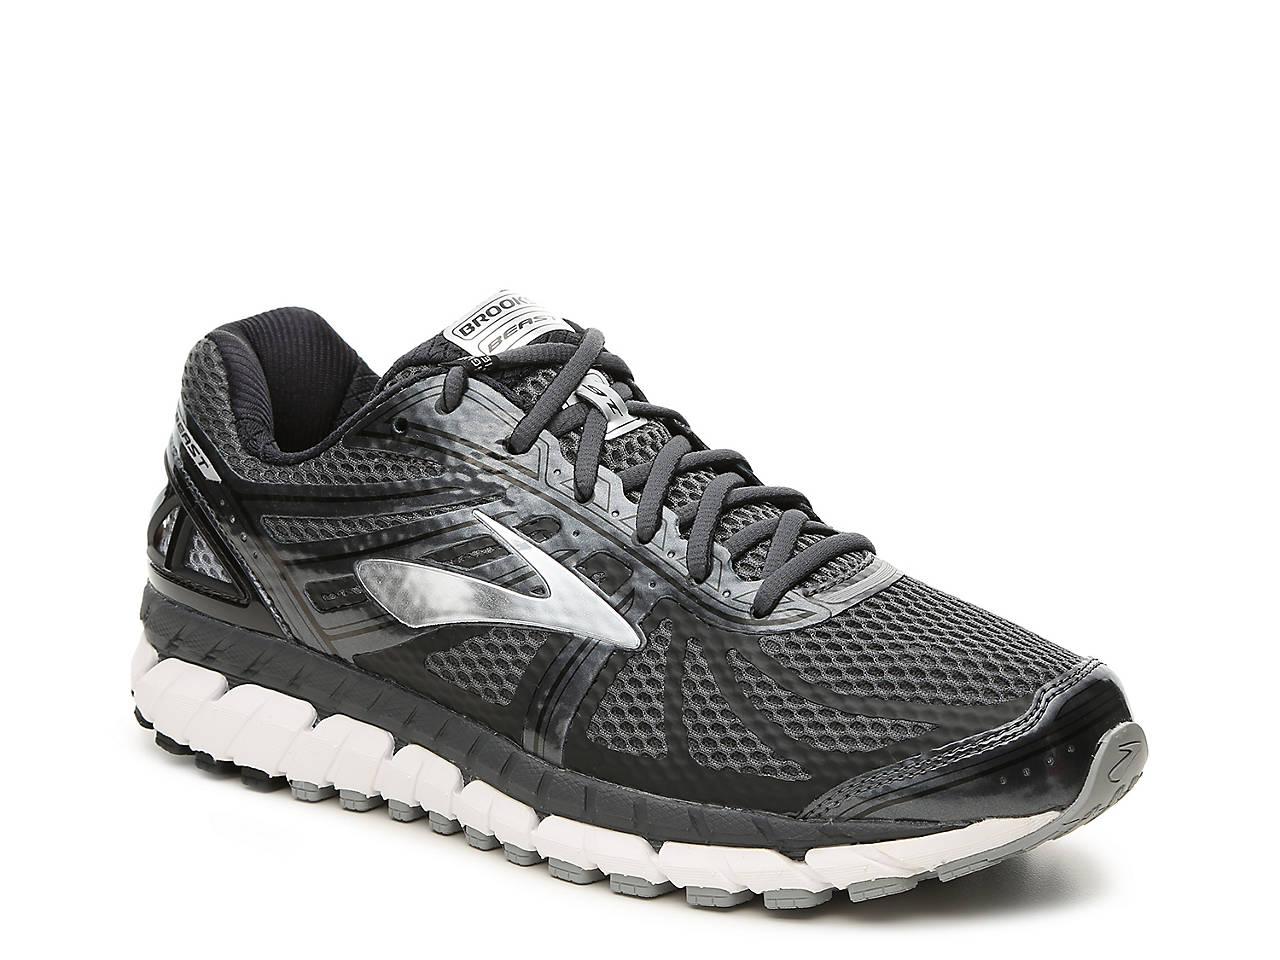 6b92a78a89717 Brooks Beast 16 Performance Running Shoe - Men s Men s Shoes